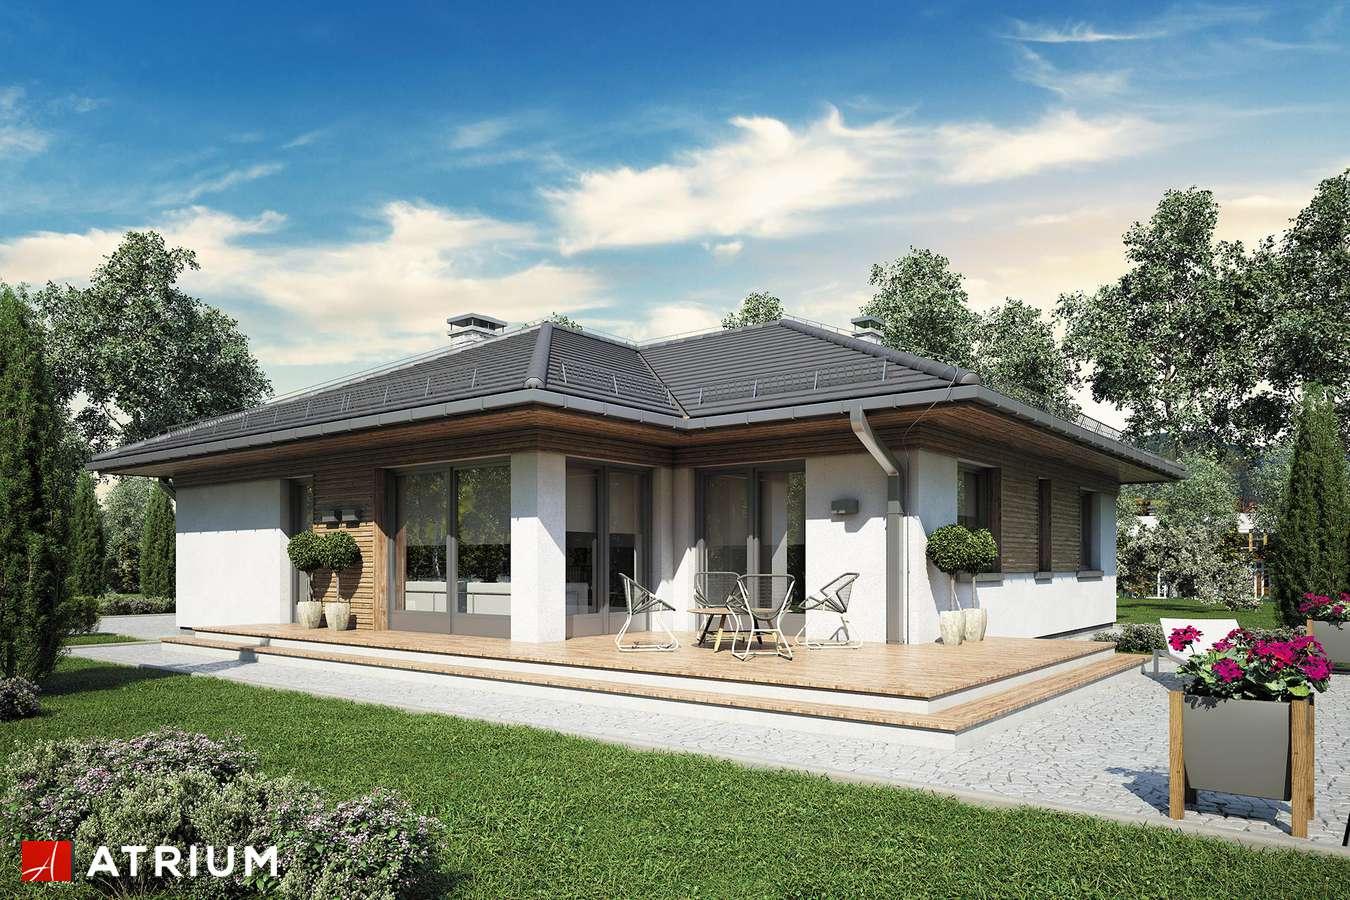 Projekty domów - Projekt domu parterowego MERIDA - wizualizacja 2 - wersja lustrzana